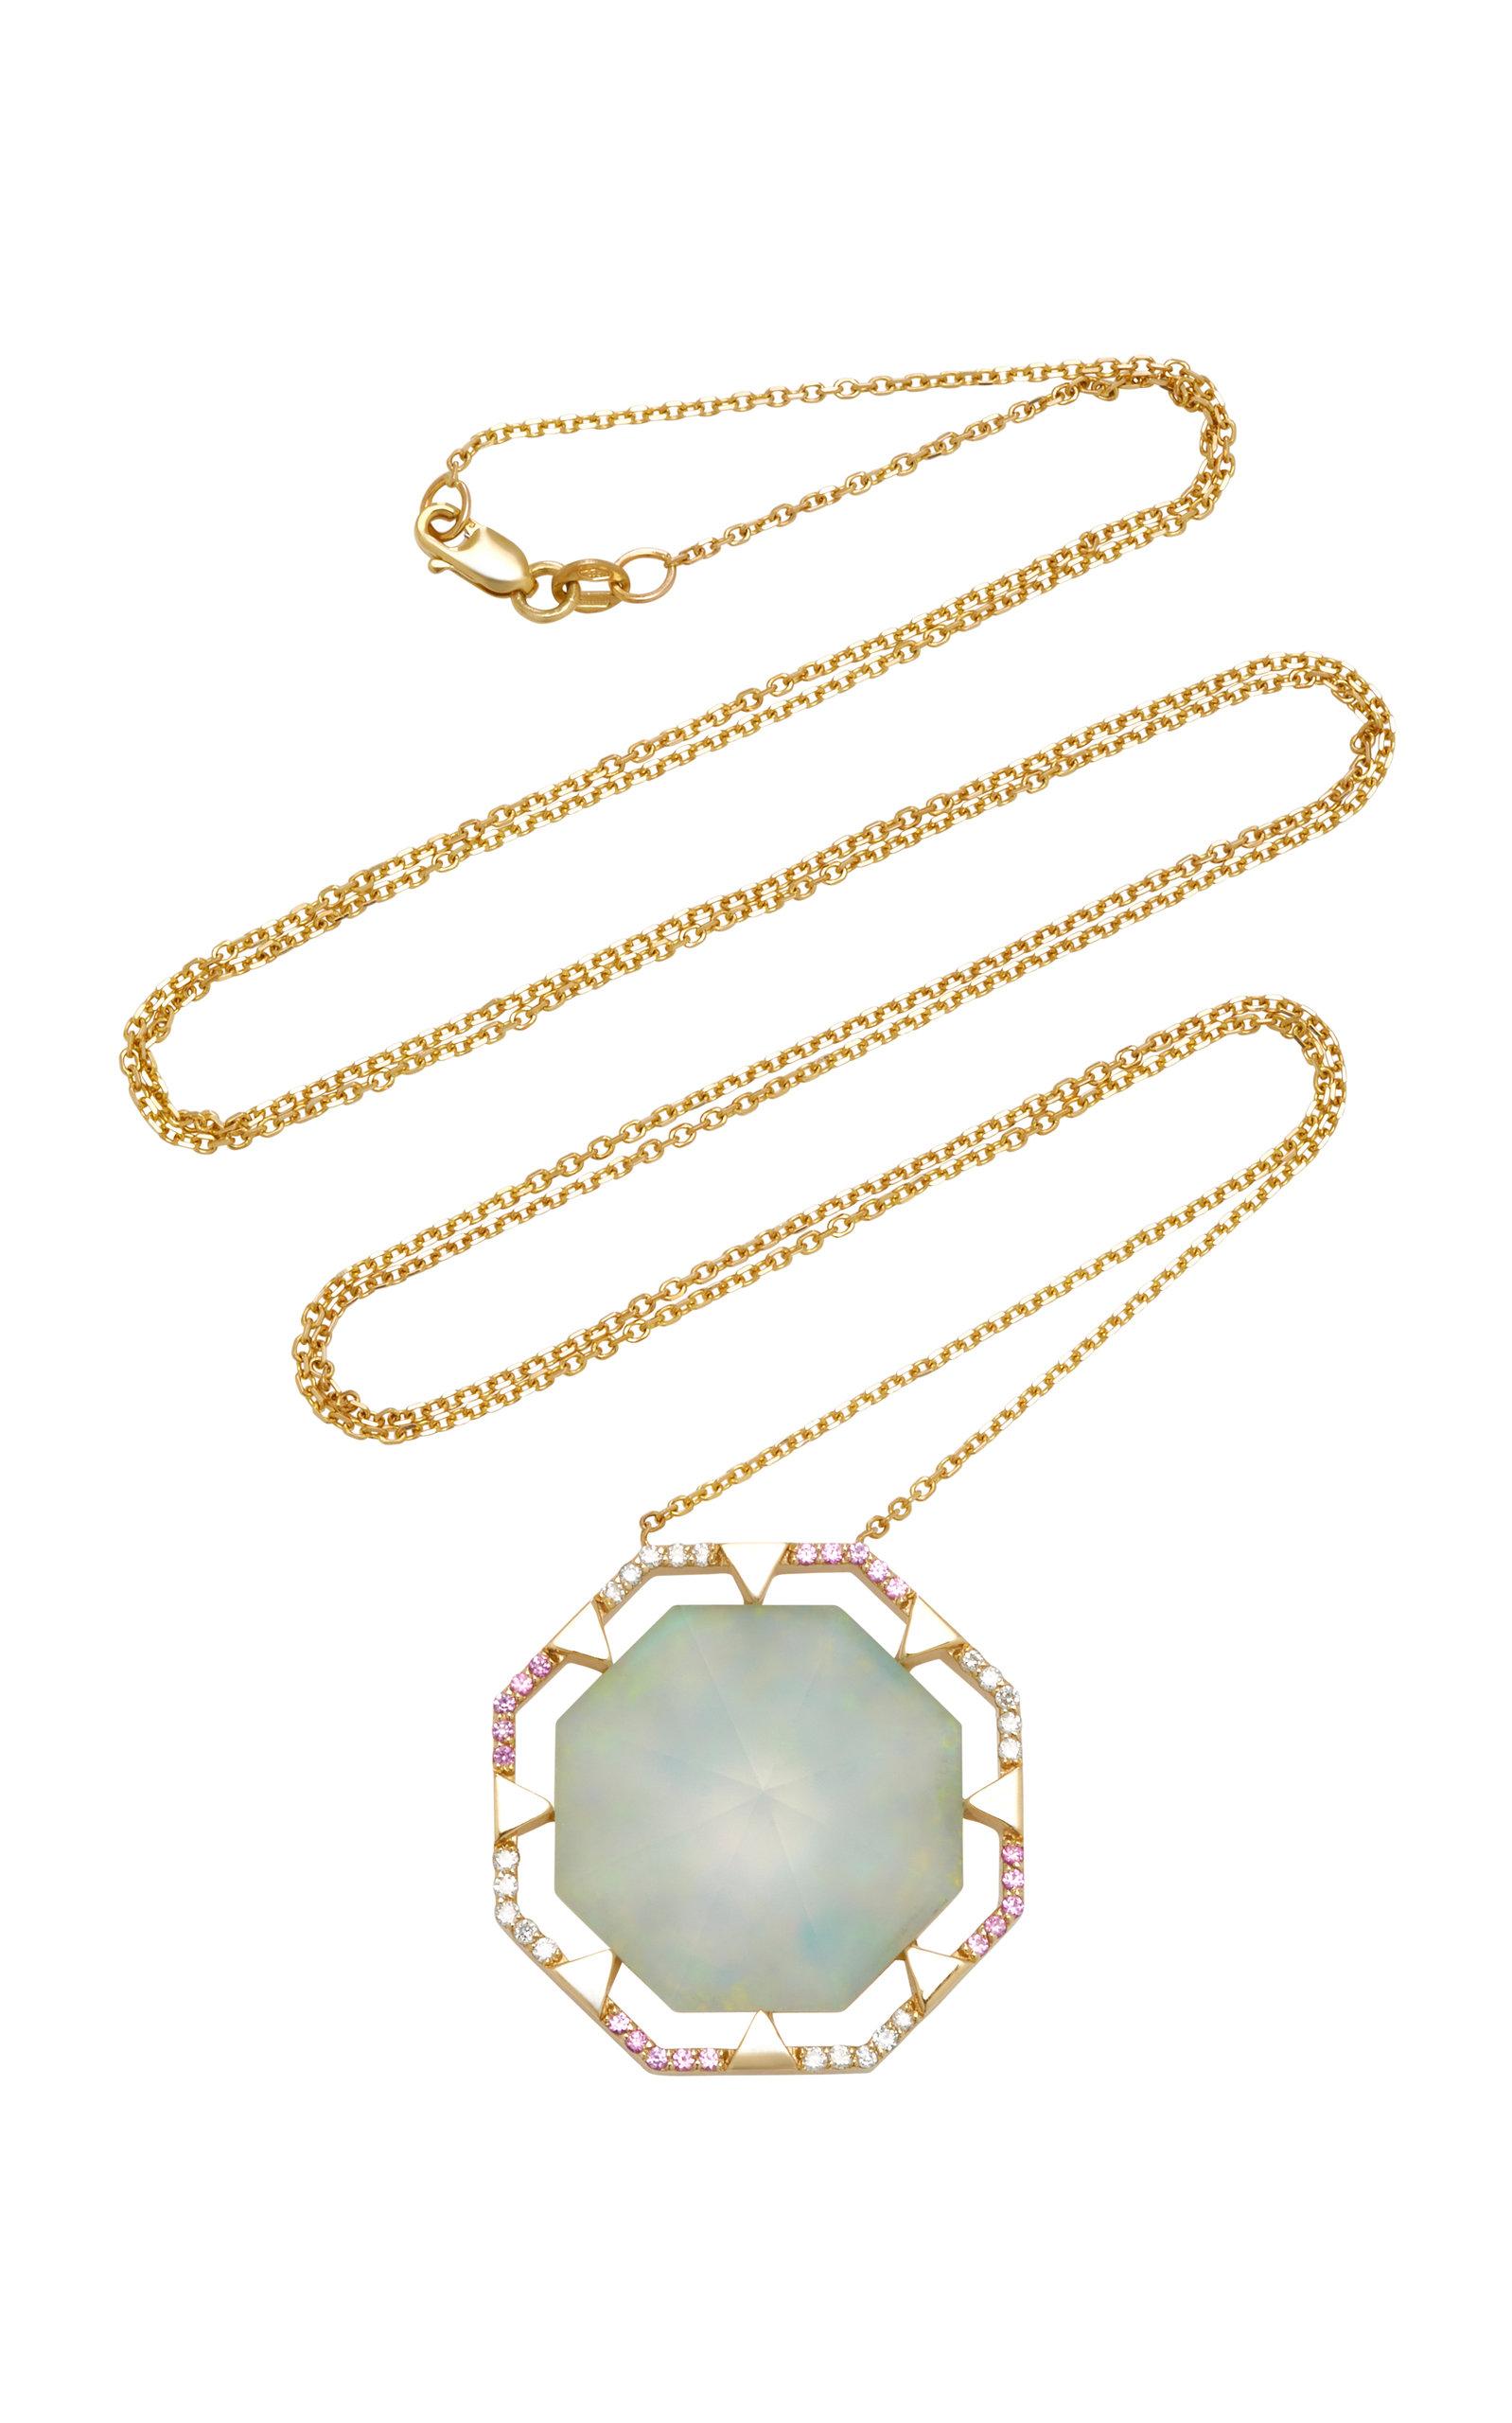 ELE KARELA 9K Gold And Multi-Stone Necklace